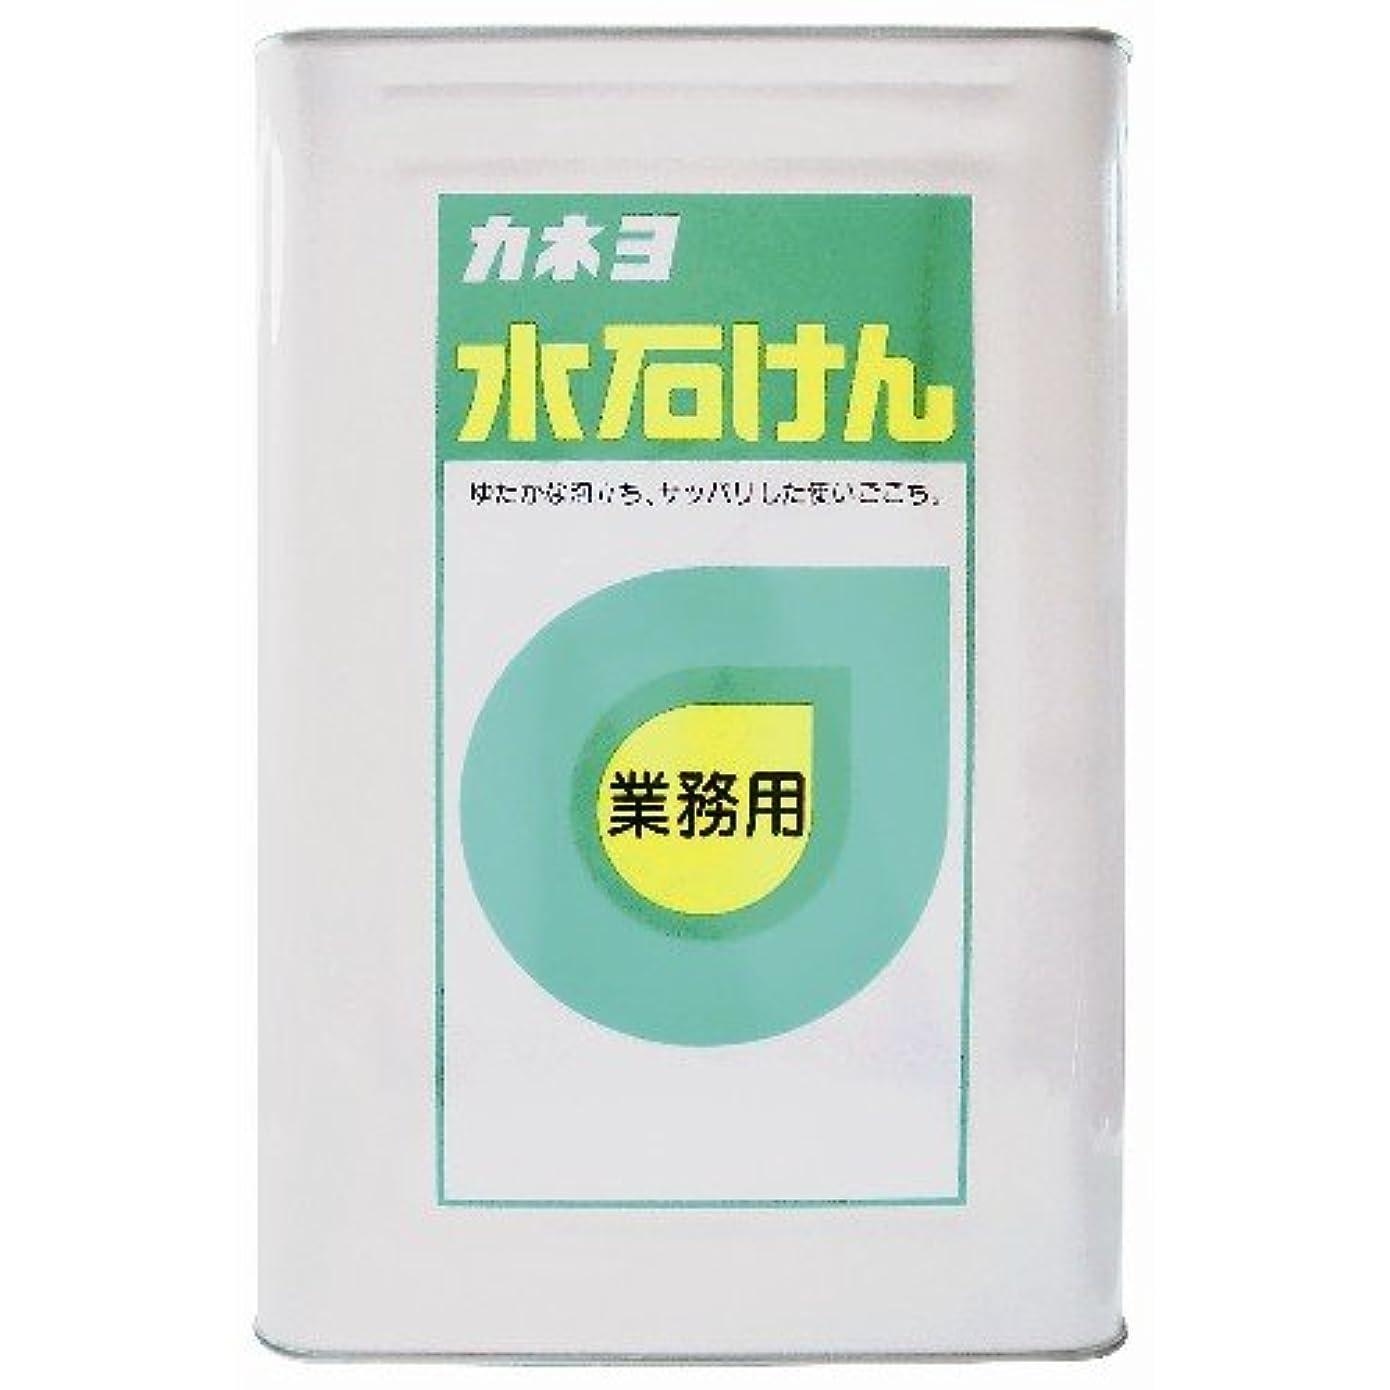 敷居事故シーサイド【大容量】 カネヨ石鹸 ハンドソープ 水石けん 液体 業務用 18L 一斗缶